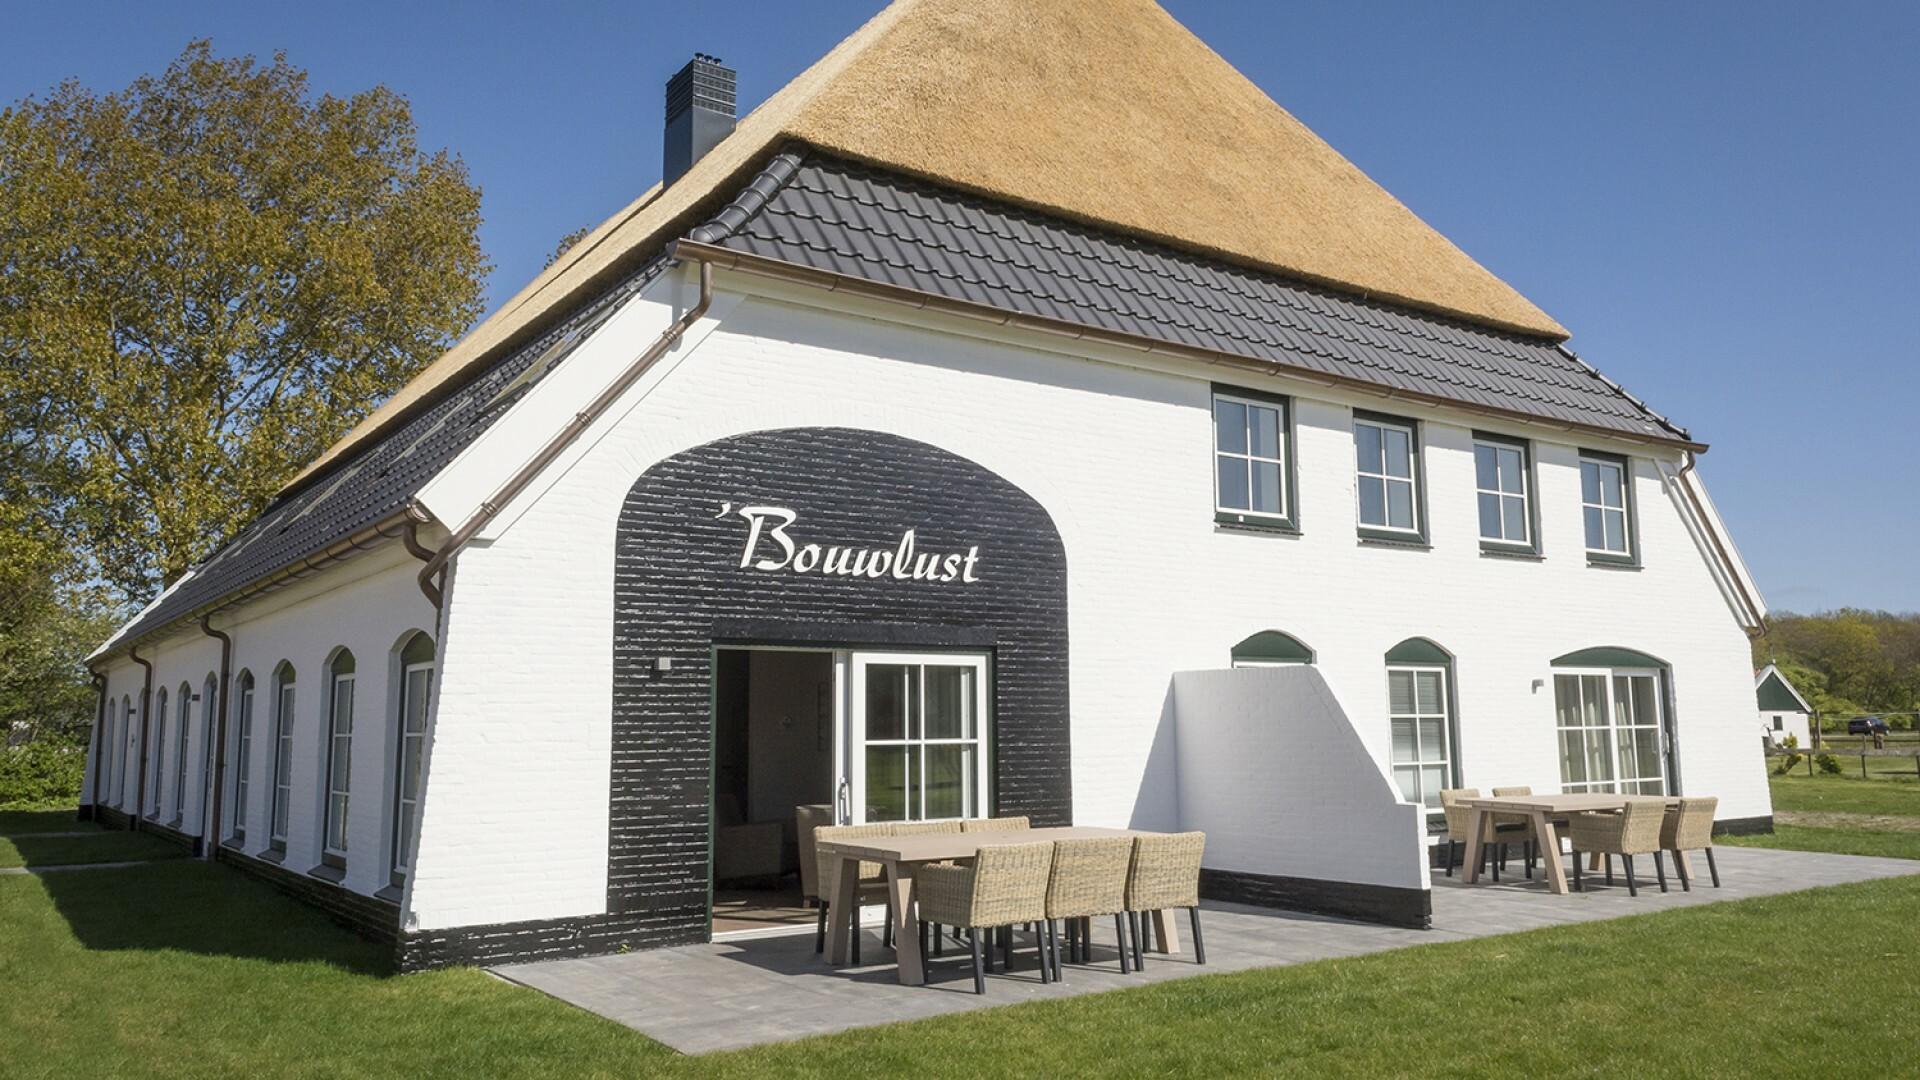 Appartement Bouwlust fotograaf Stefan Krofft VVV Texel